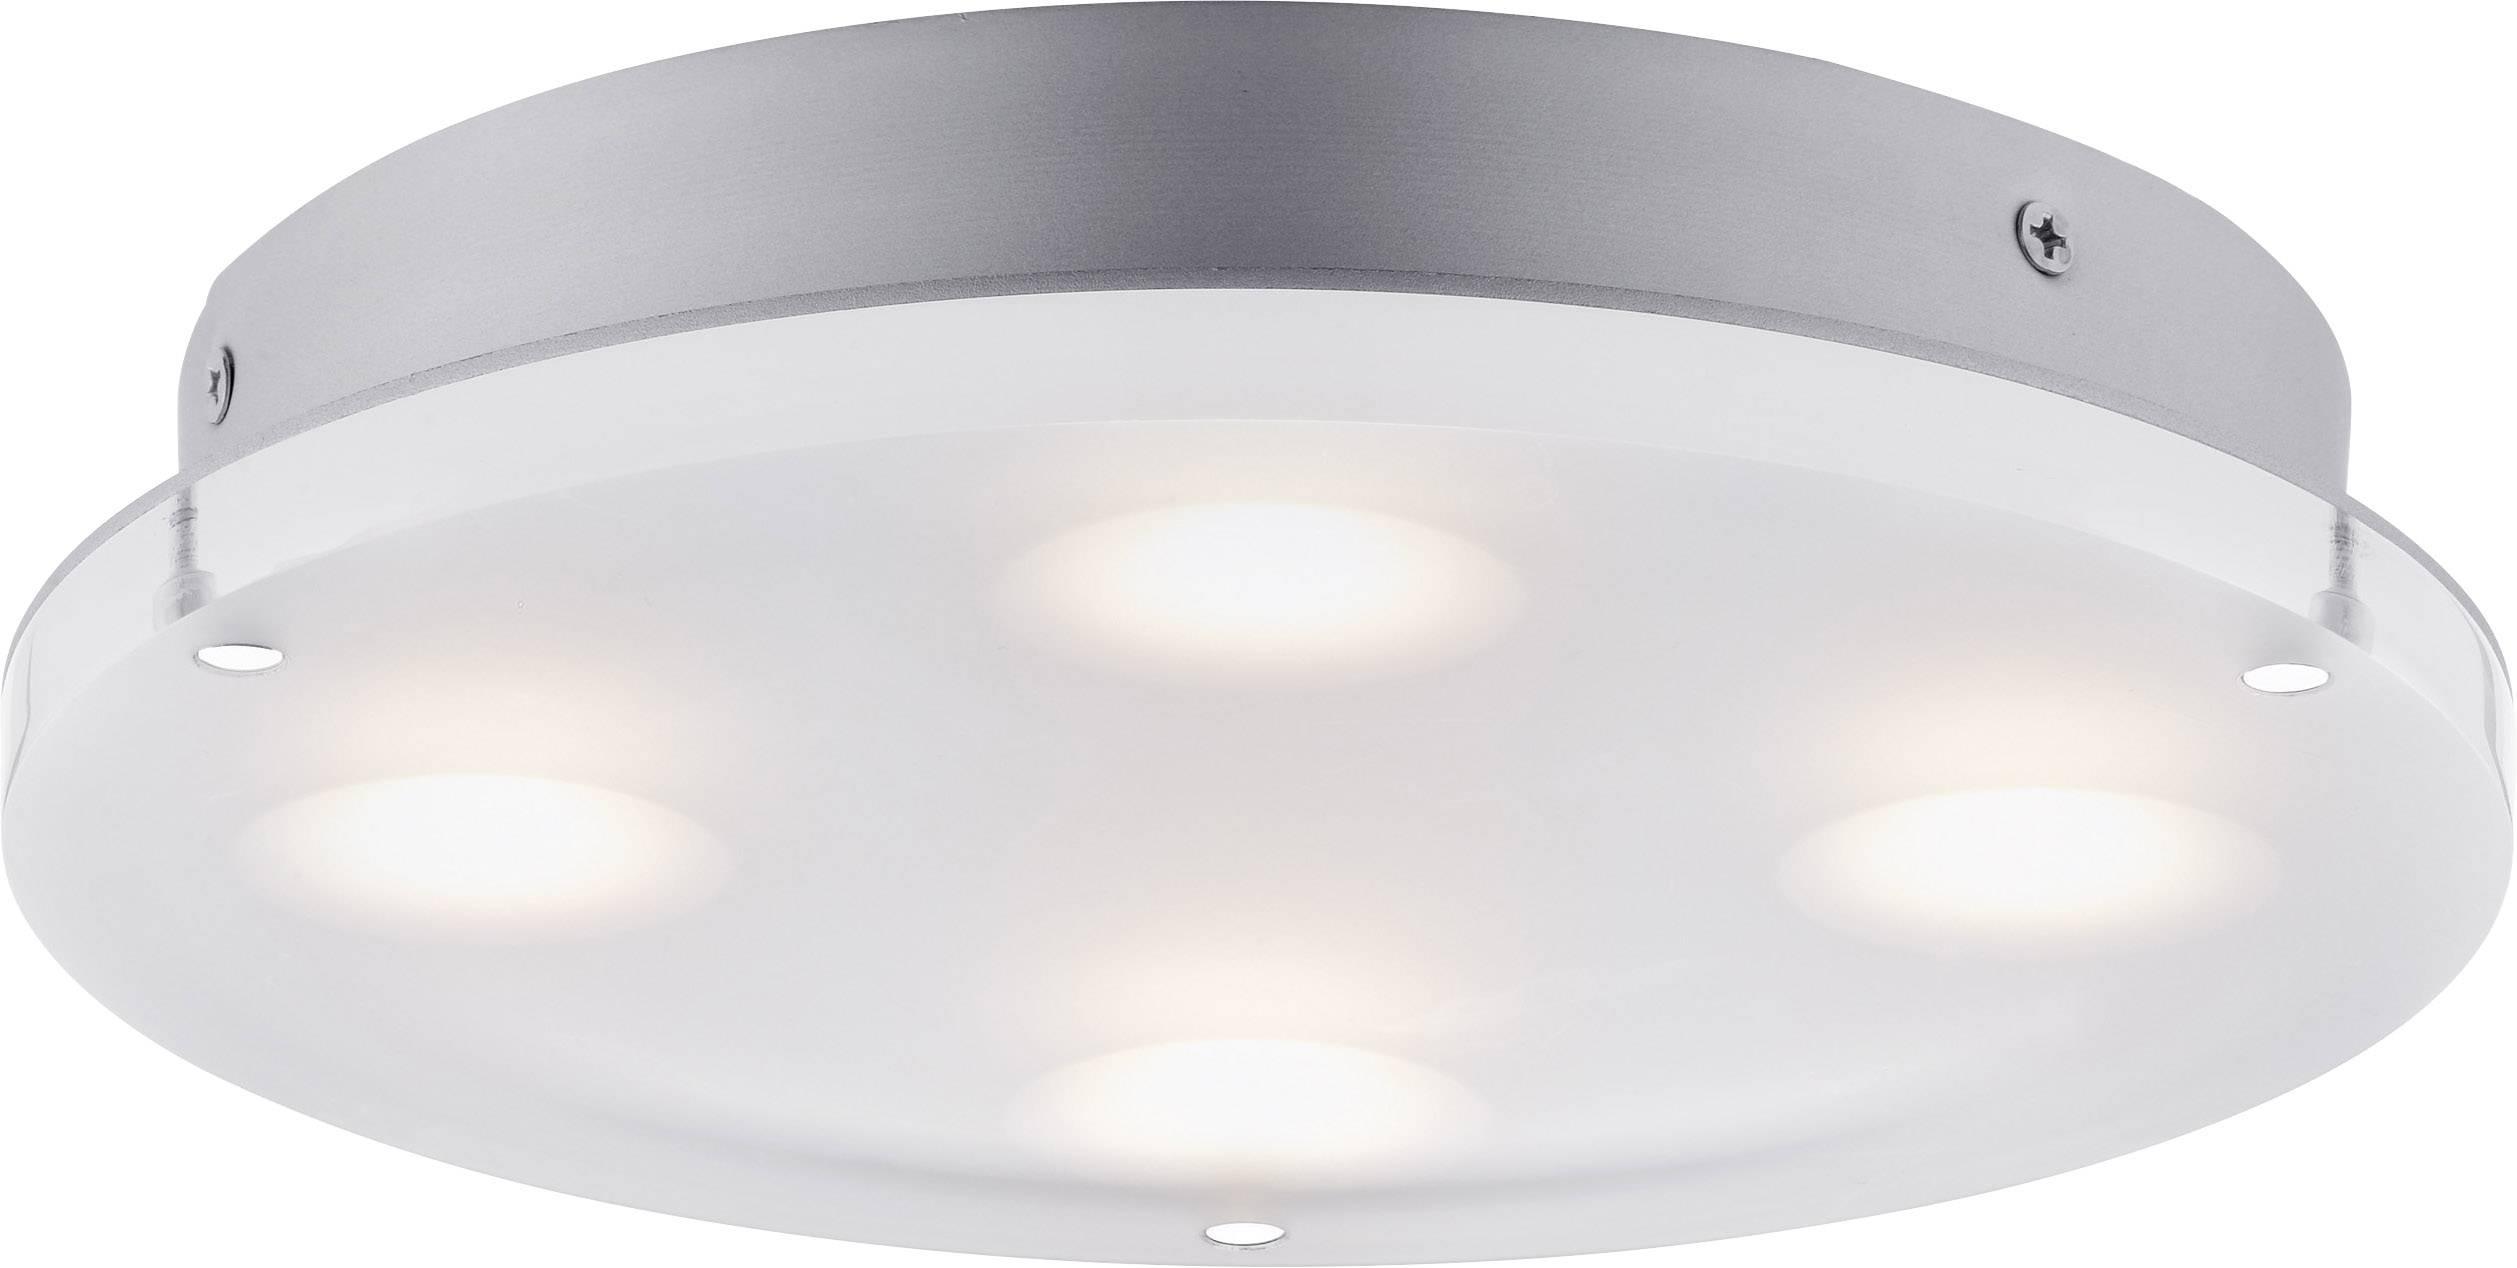 Badkamer Plafondlamp Led : Led plafondlamp voor badkamer w paulmann minor satijn